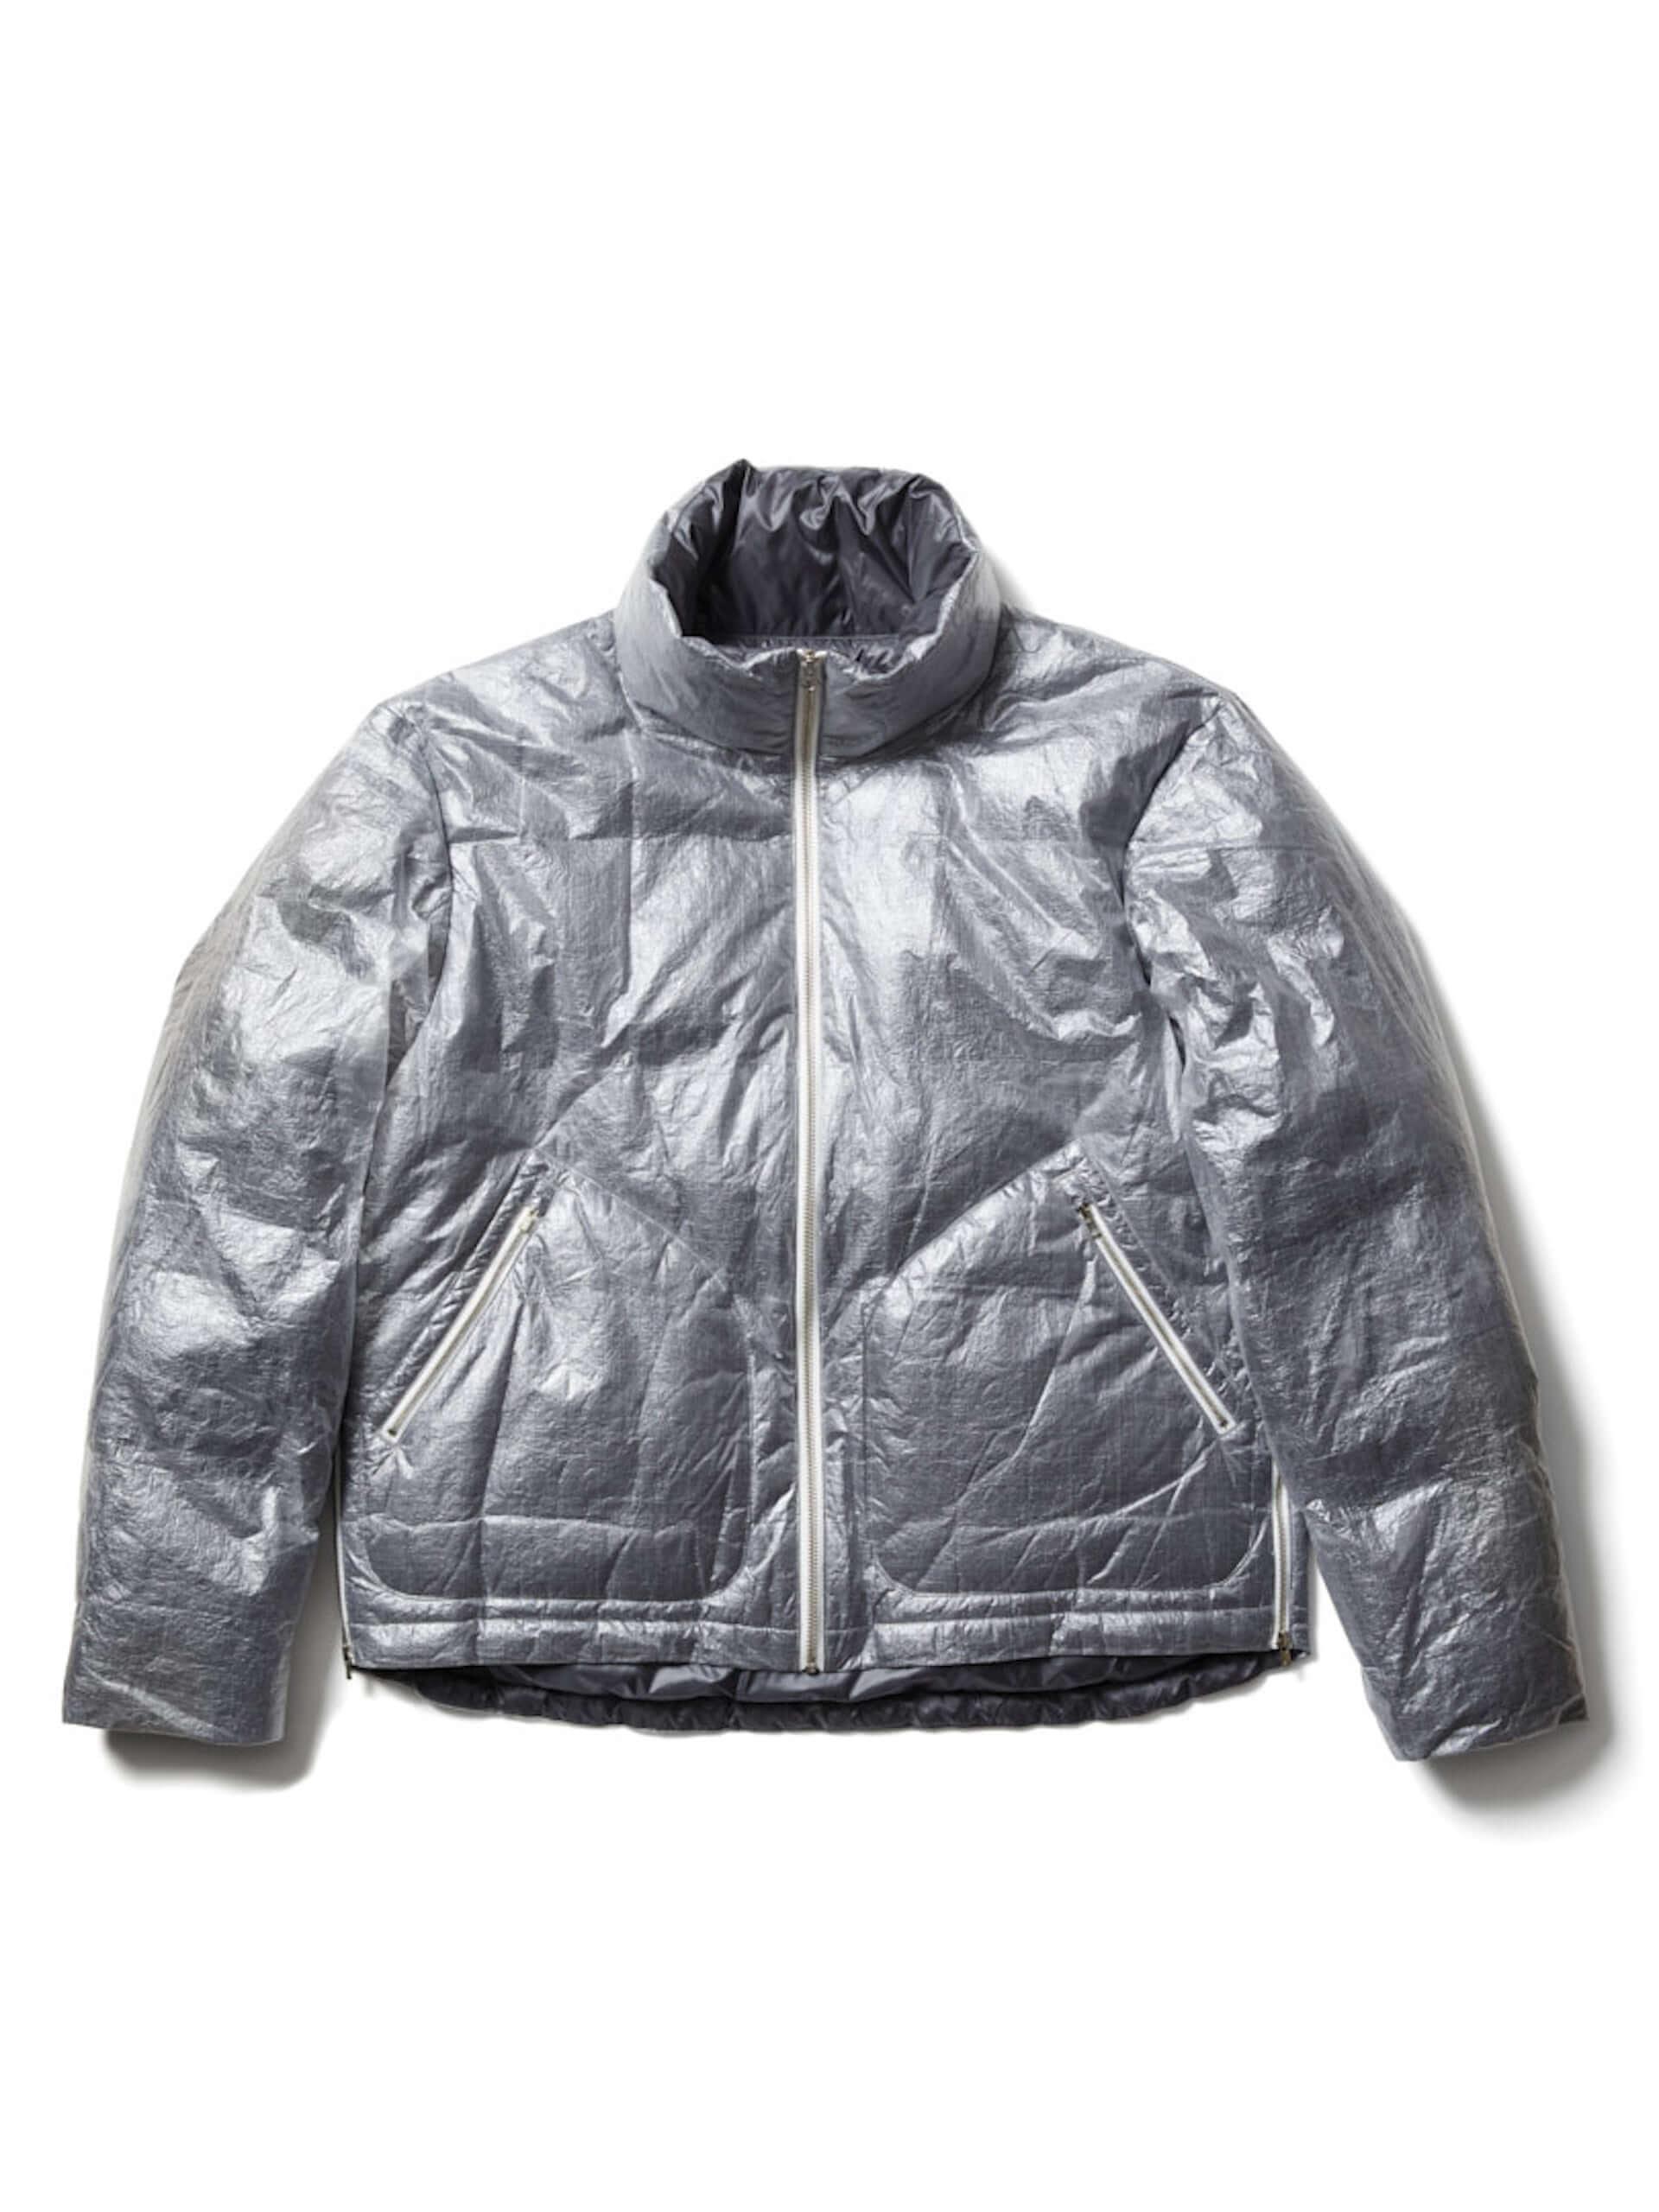 フィッシングにも最適!D-VECから防寒性に優れたジャケットやベスト、パーカーなど最新アイテムが登場 lf210107_d-vec_10-1920x2560